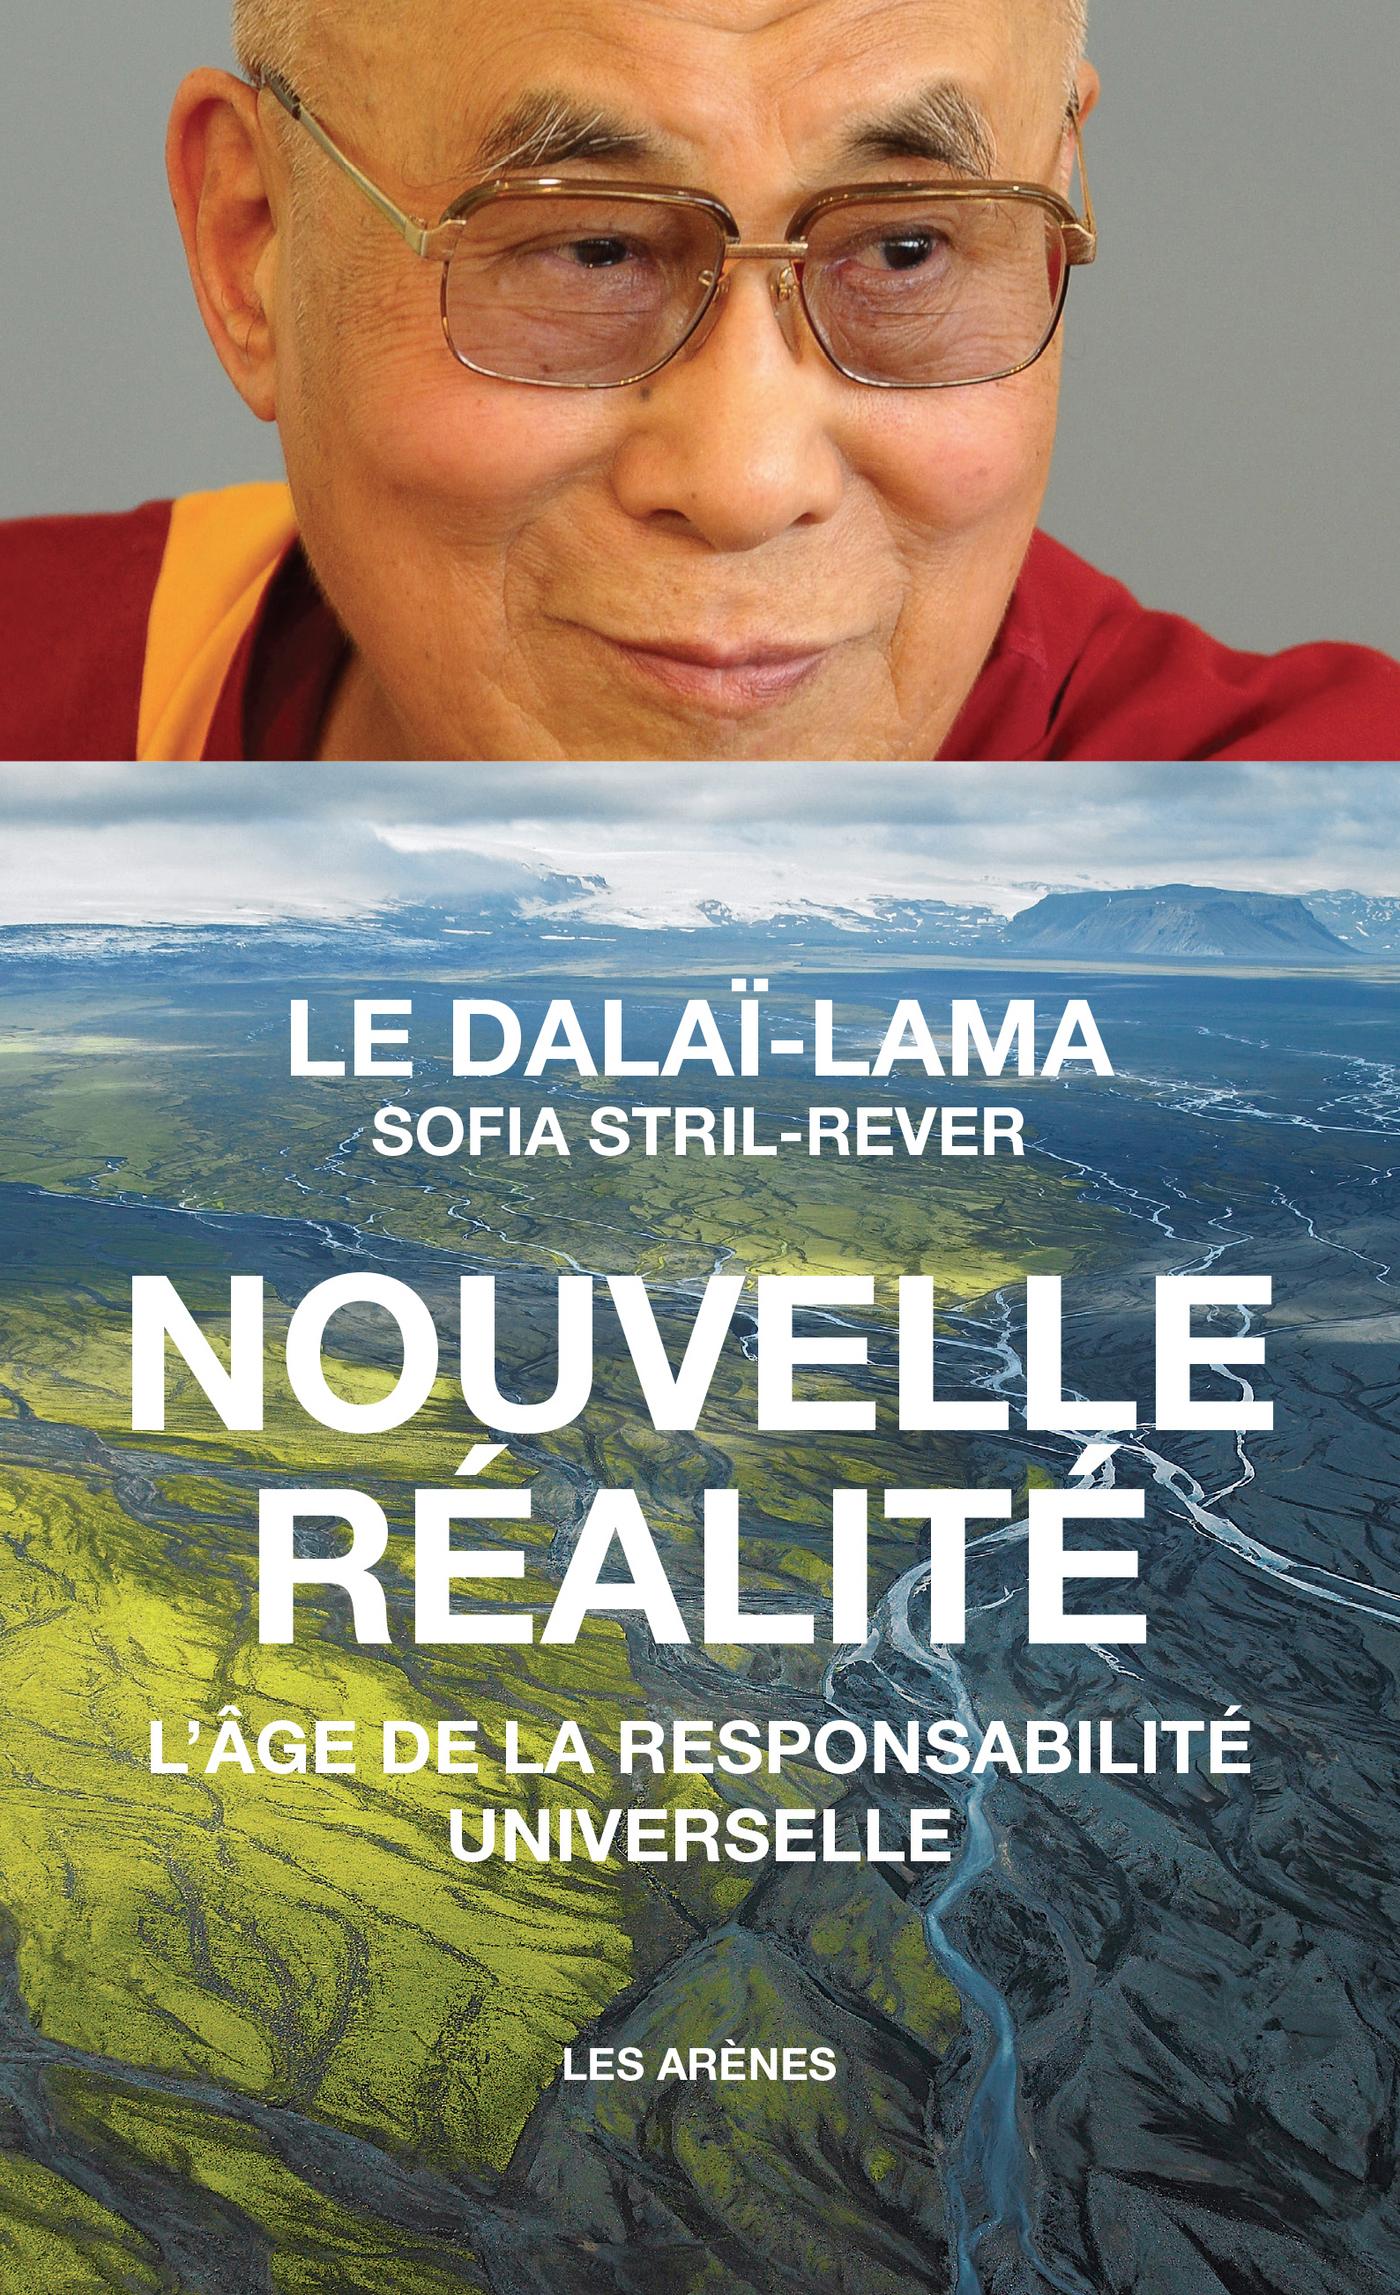 Nouvelle réalité, l'âge de la responsabilité universelle